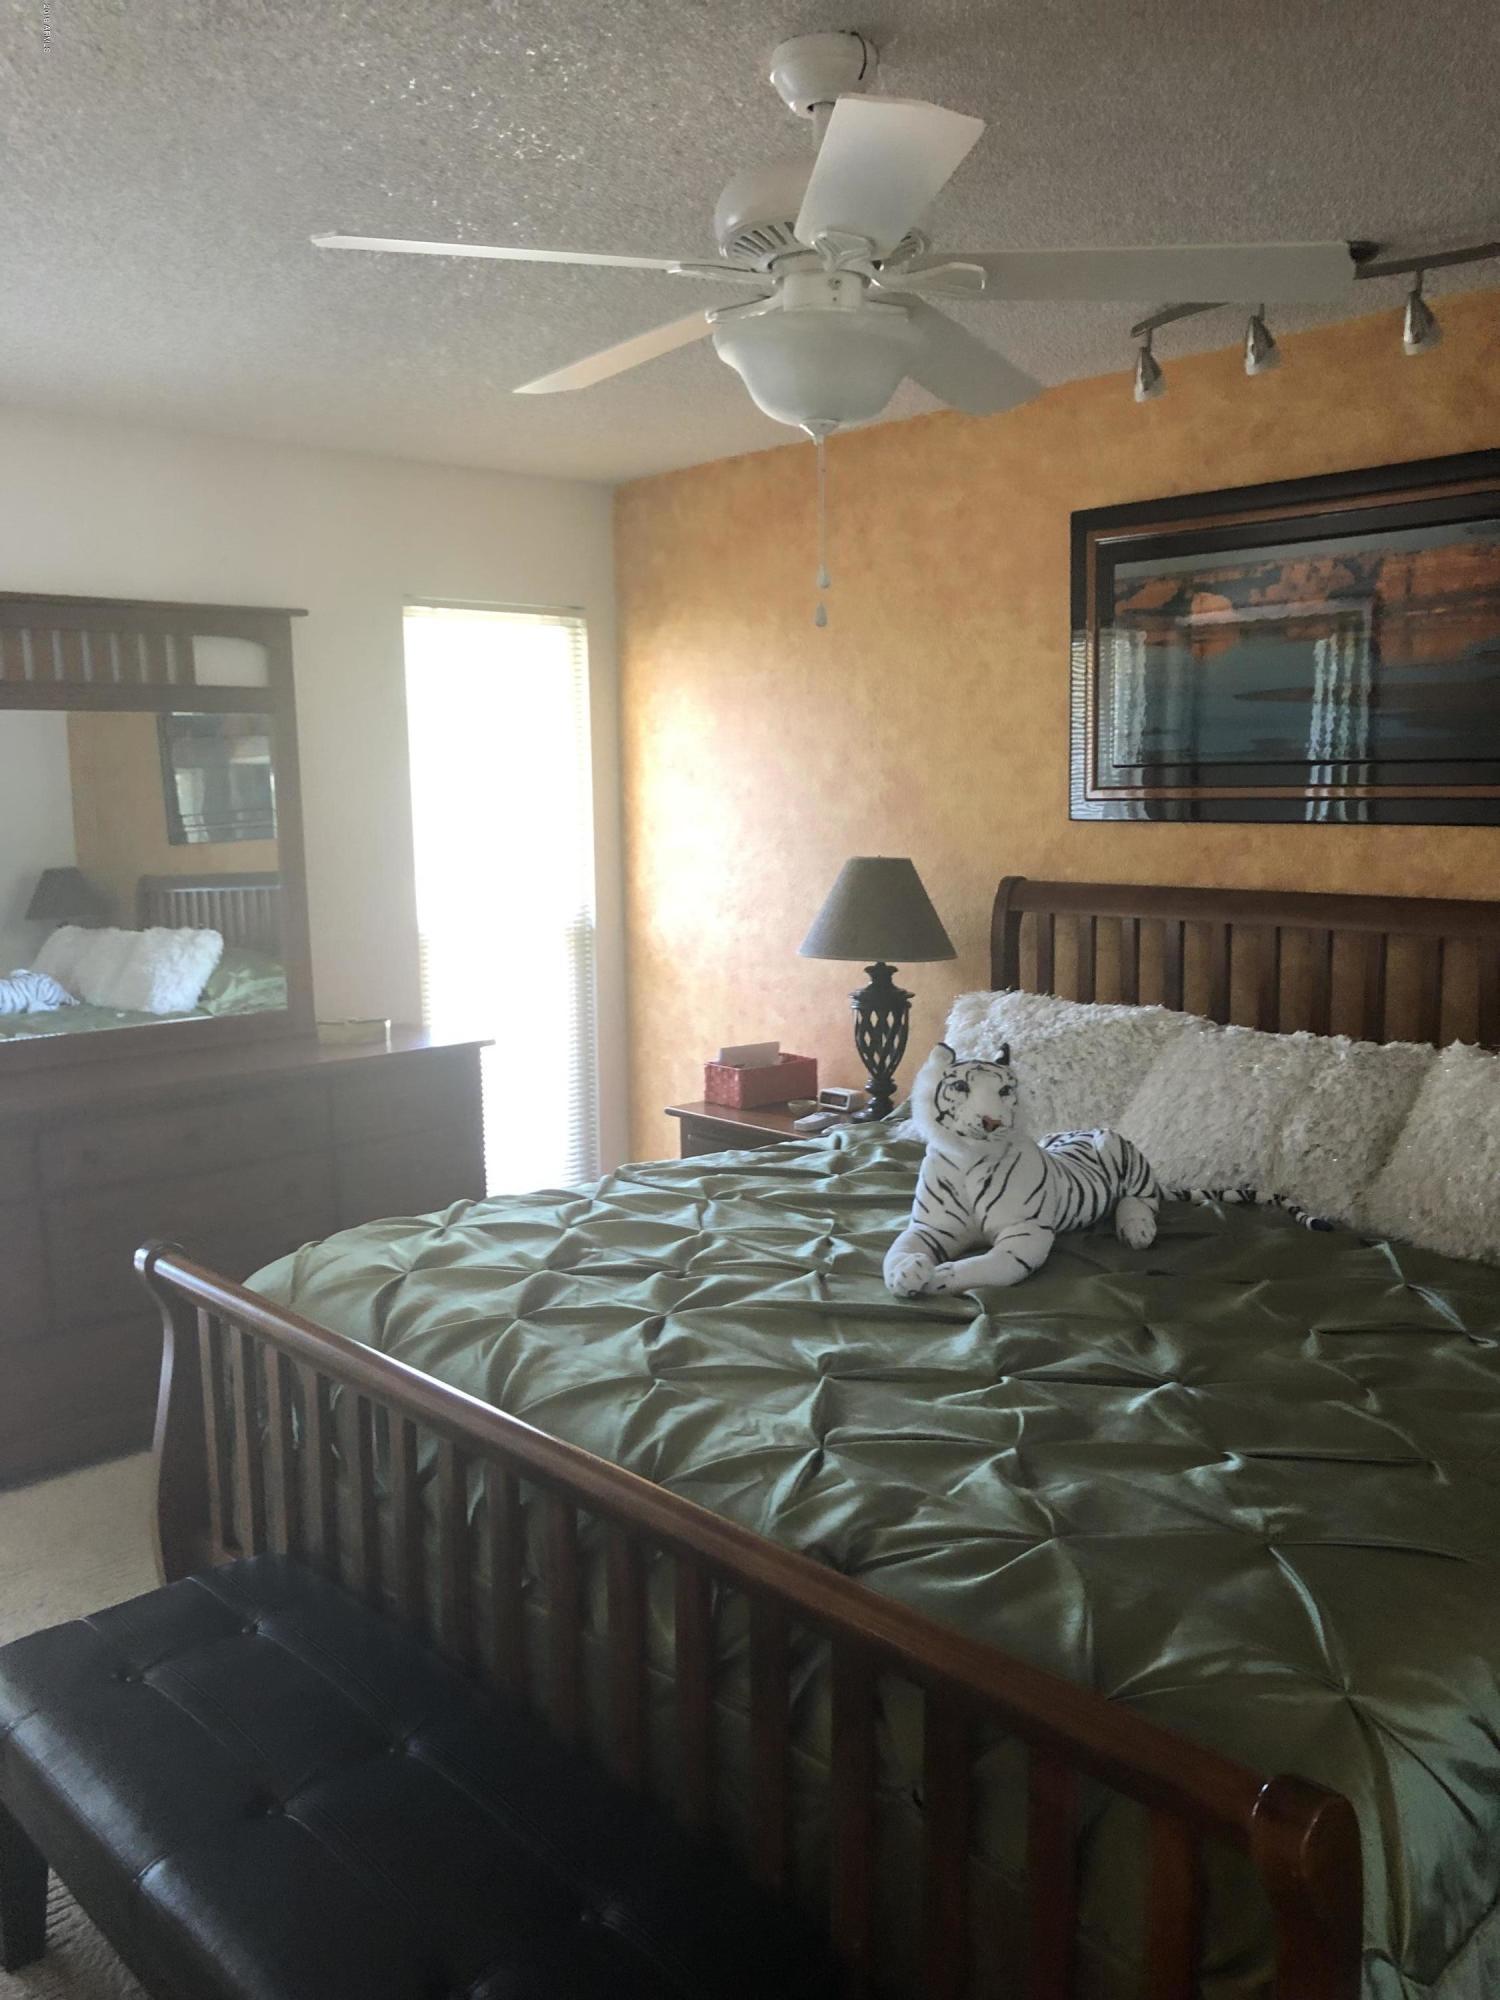 MLS 5940464 9508 W HIDDEN VALLEY Circle, Sun City, AZ 85351 Sun City AZ Adult Community